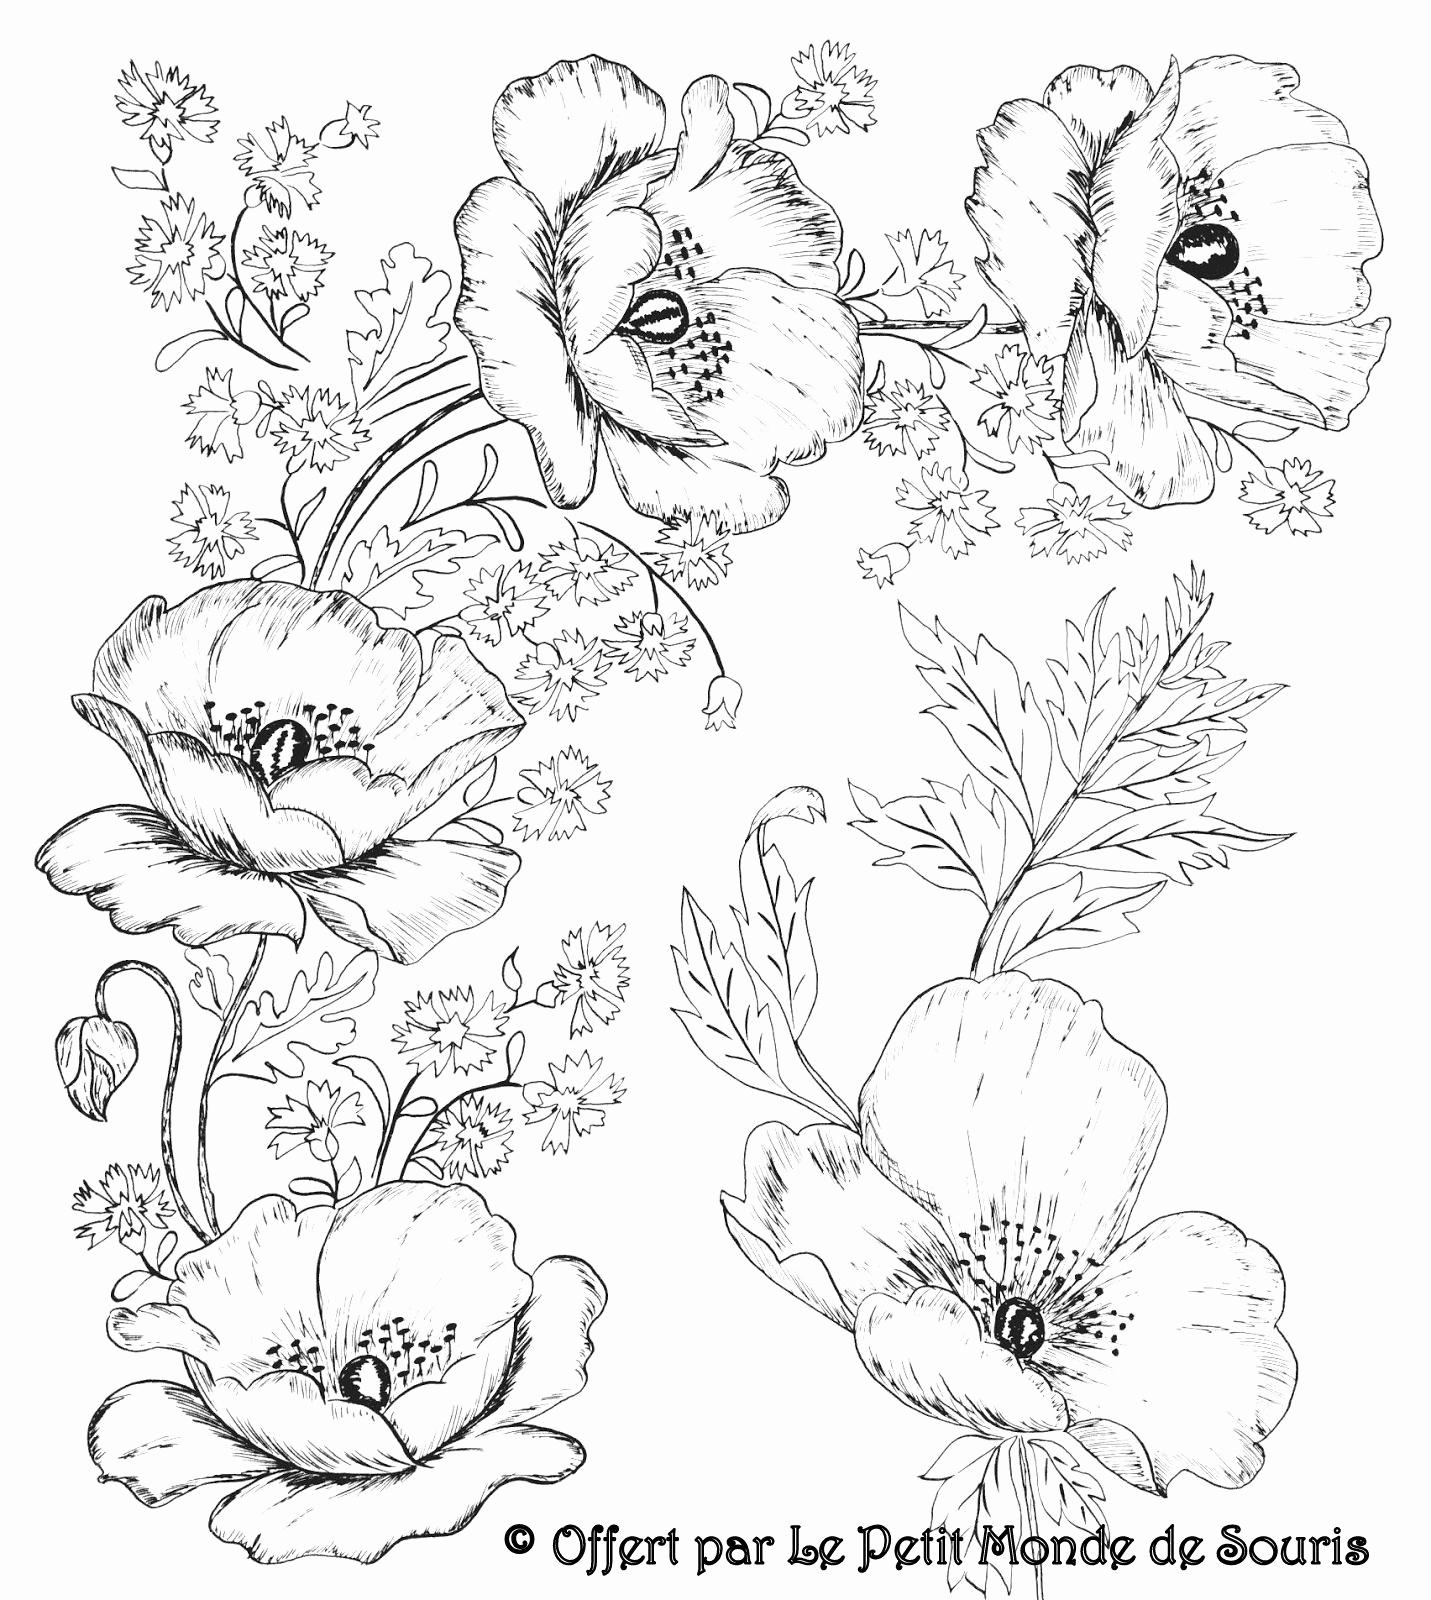 41 Neu Bild Von Blumenbilder Zum Ausmalen | Lecrachin mit Blumenbilder Zum Ausmalen